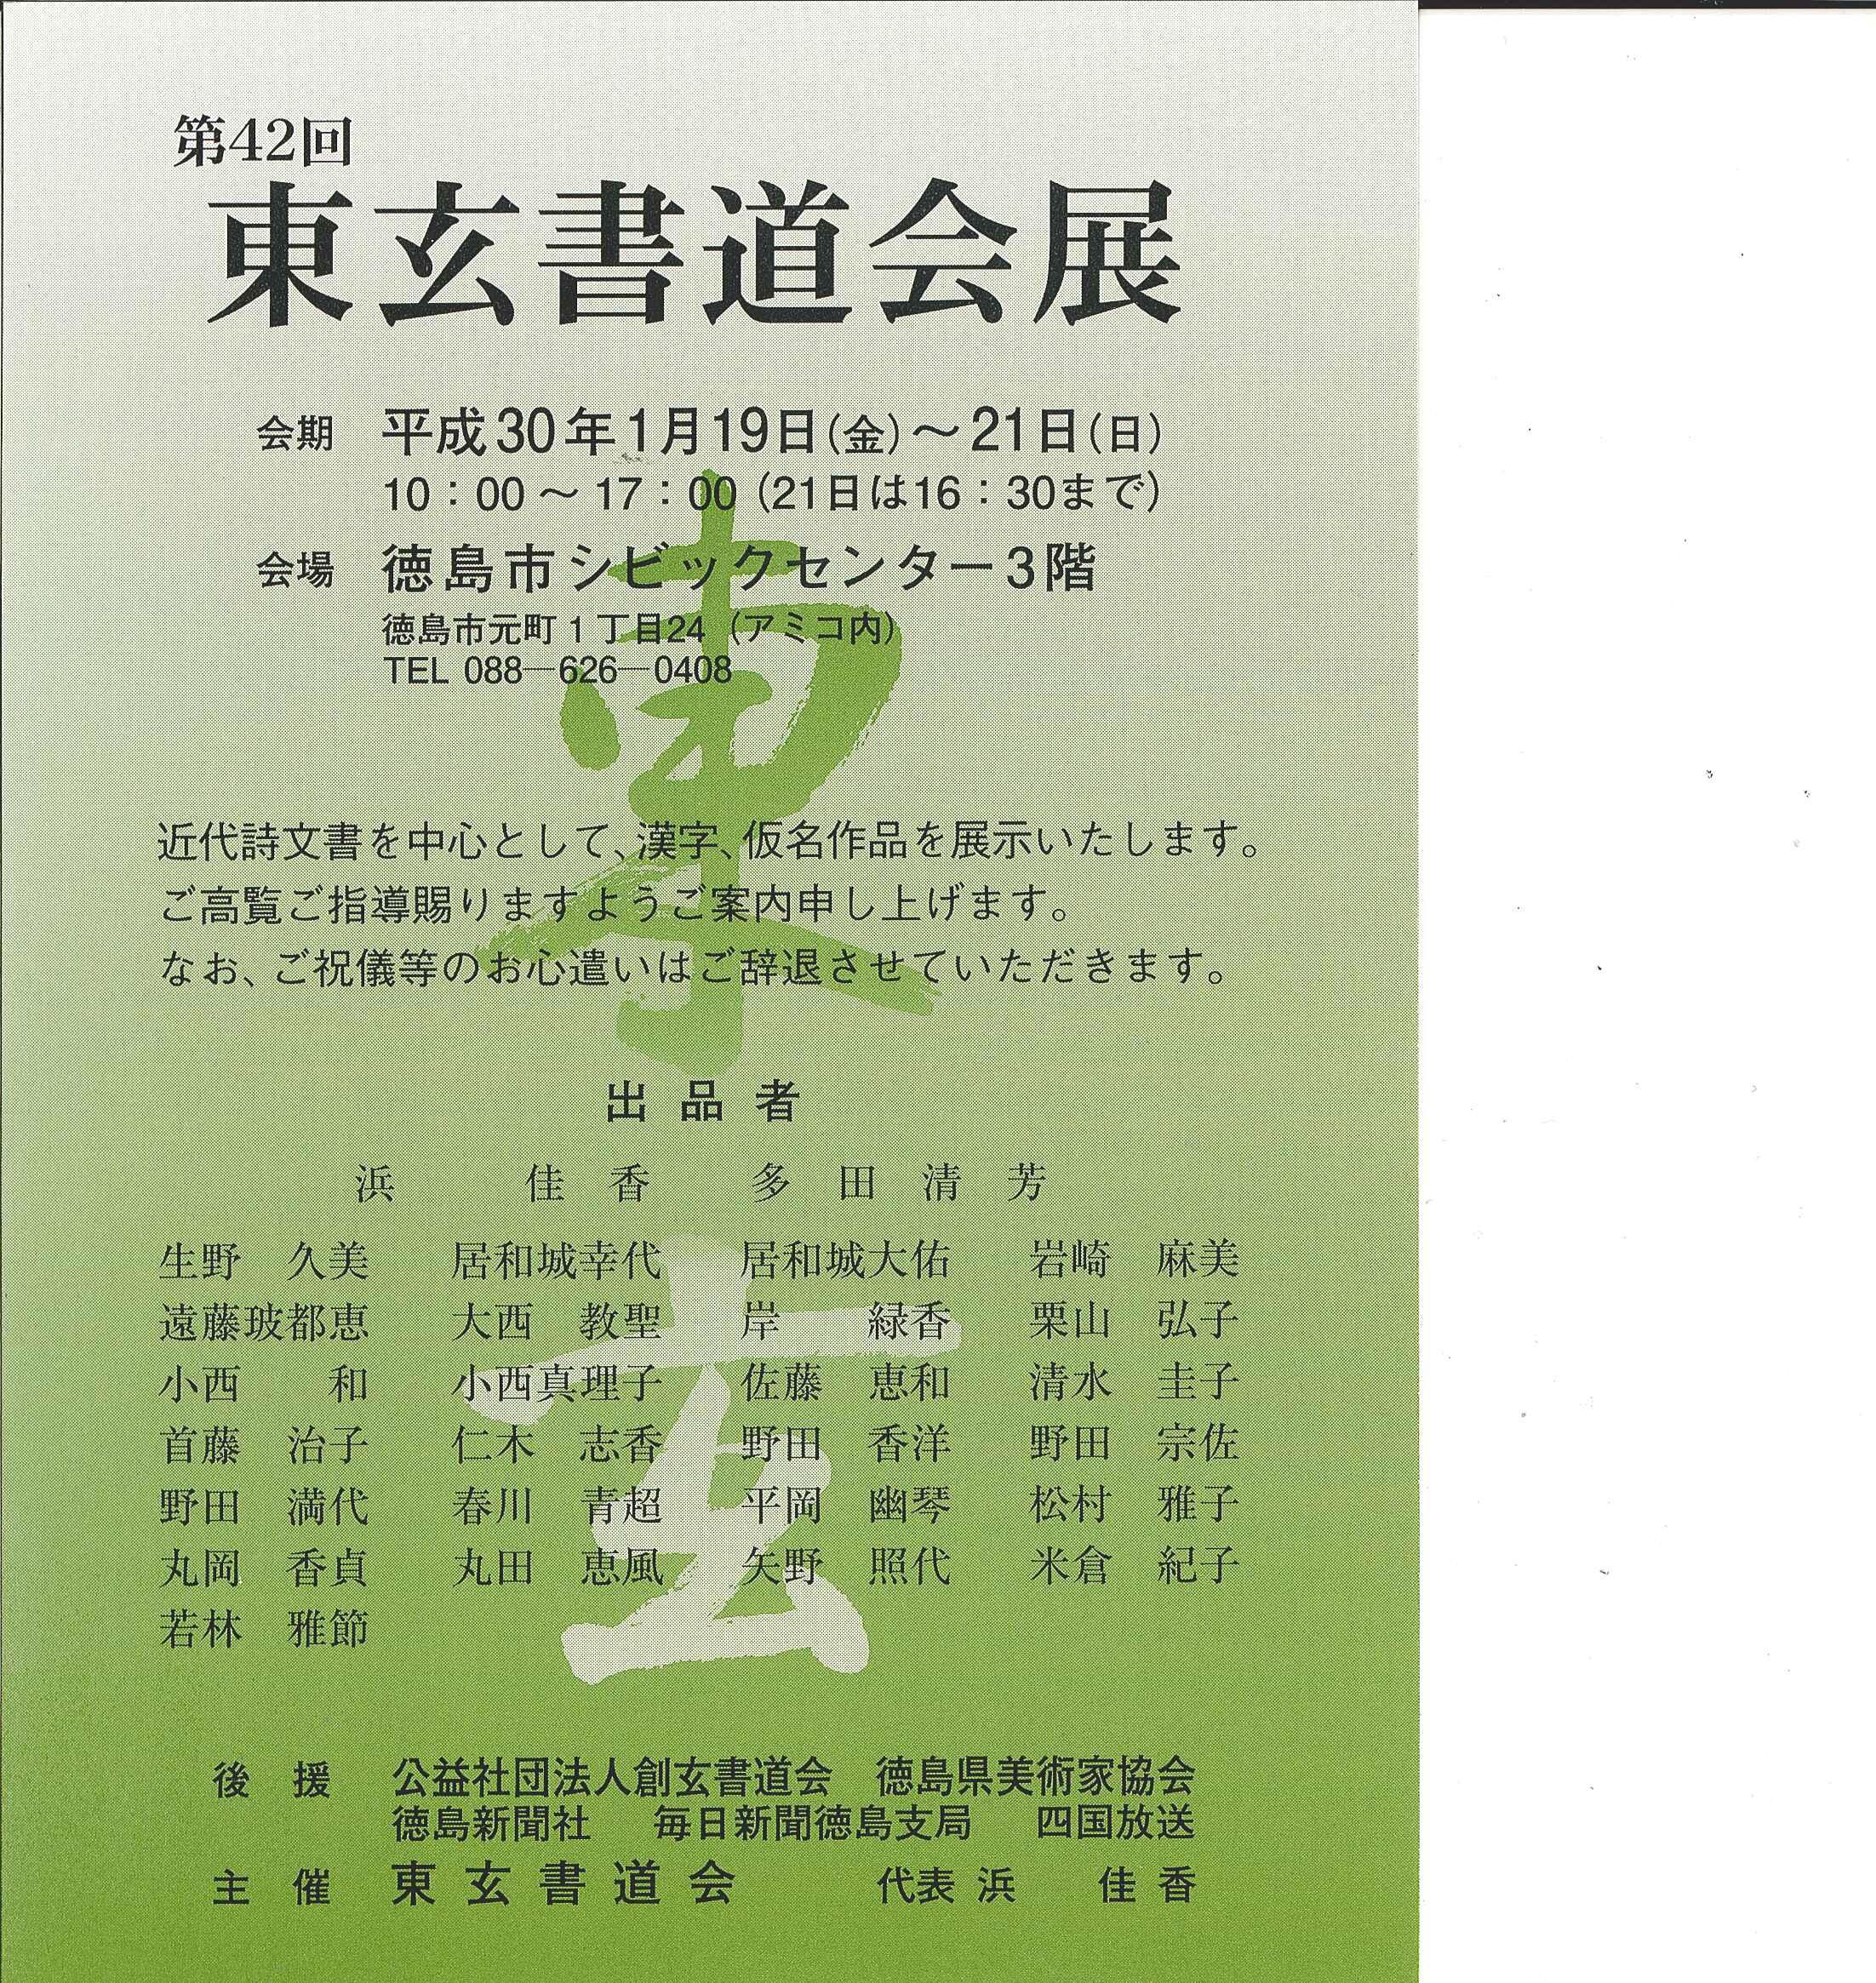 http://www.sogen.or.jp/letter/2017/12/30/20171230173837124_0001.jpg